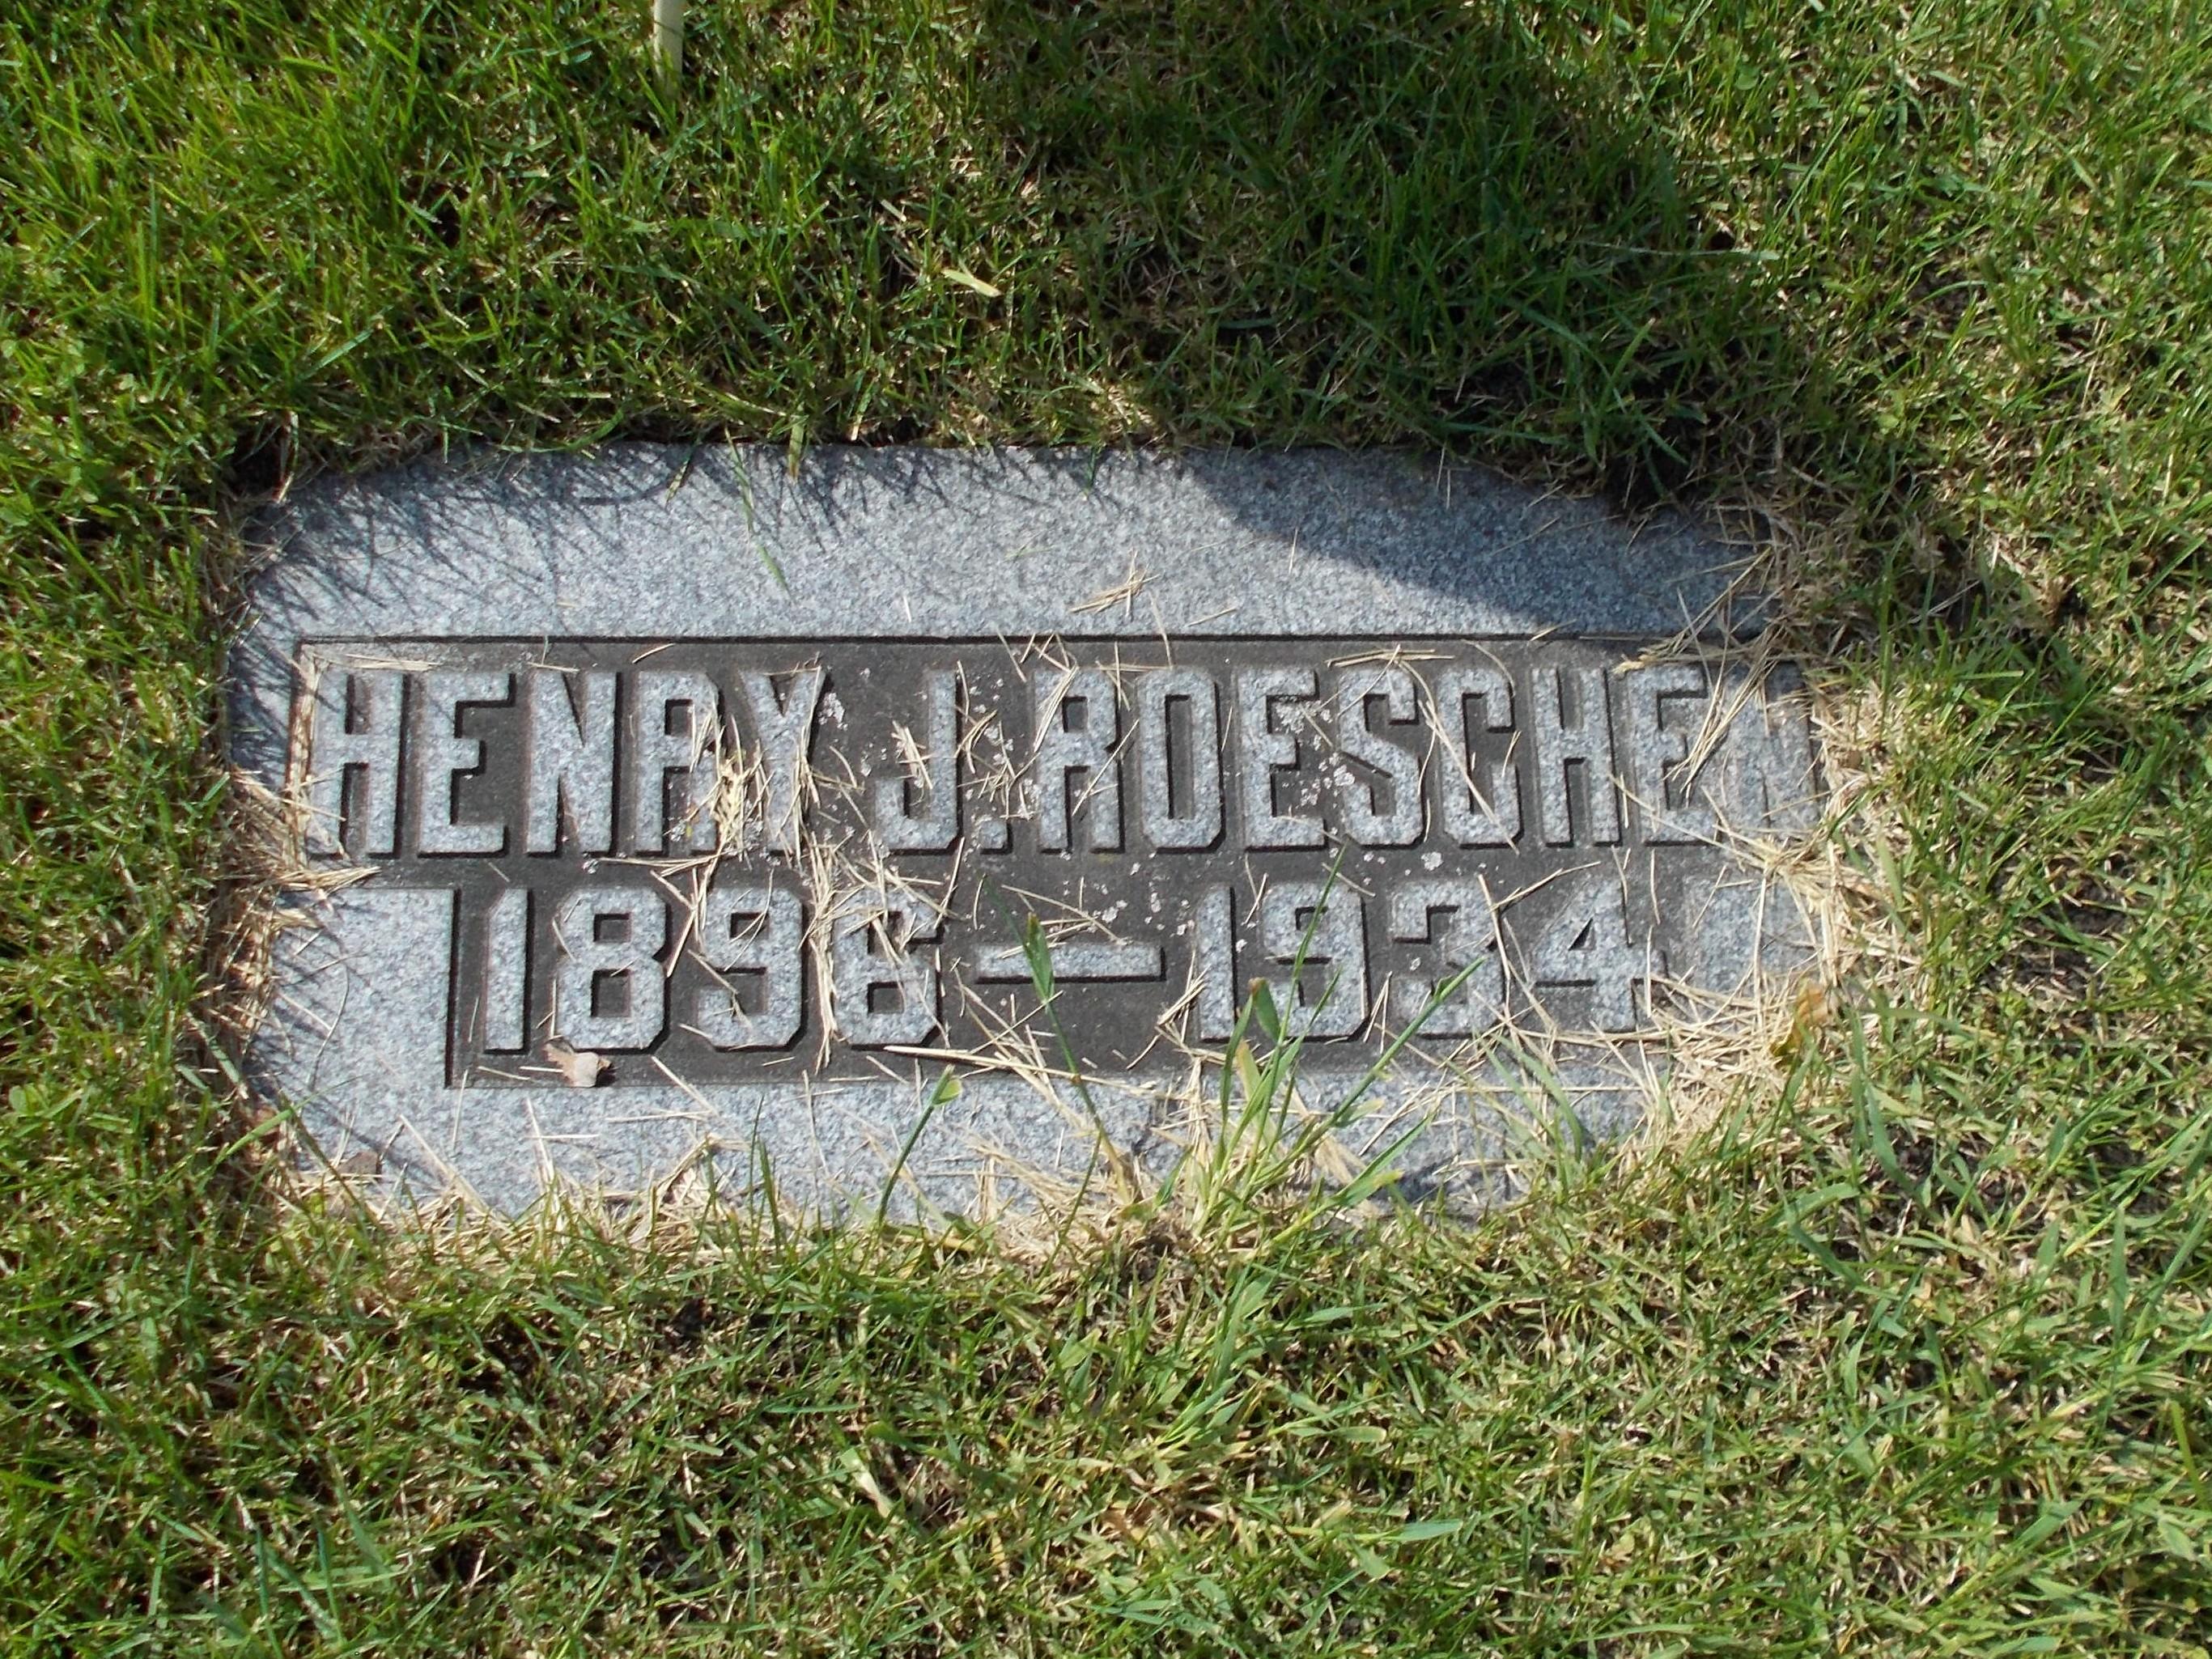 Henry John Roeschen